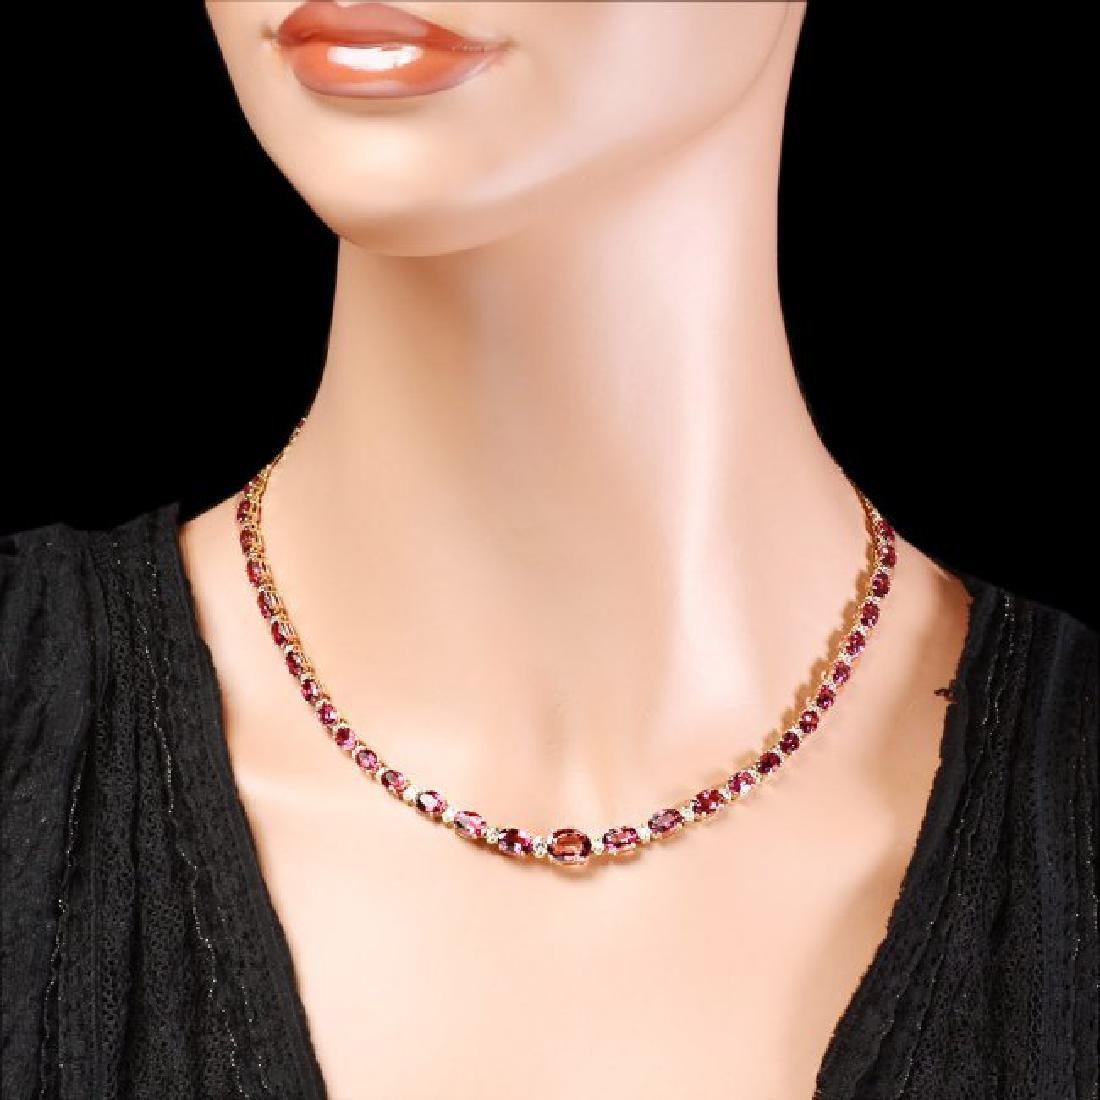 14k 26.10ct Tourmaline 1.60ct Diamond Necklace - 5